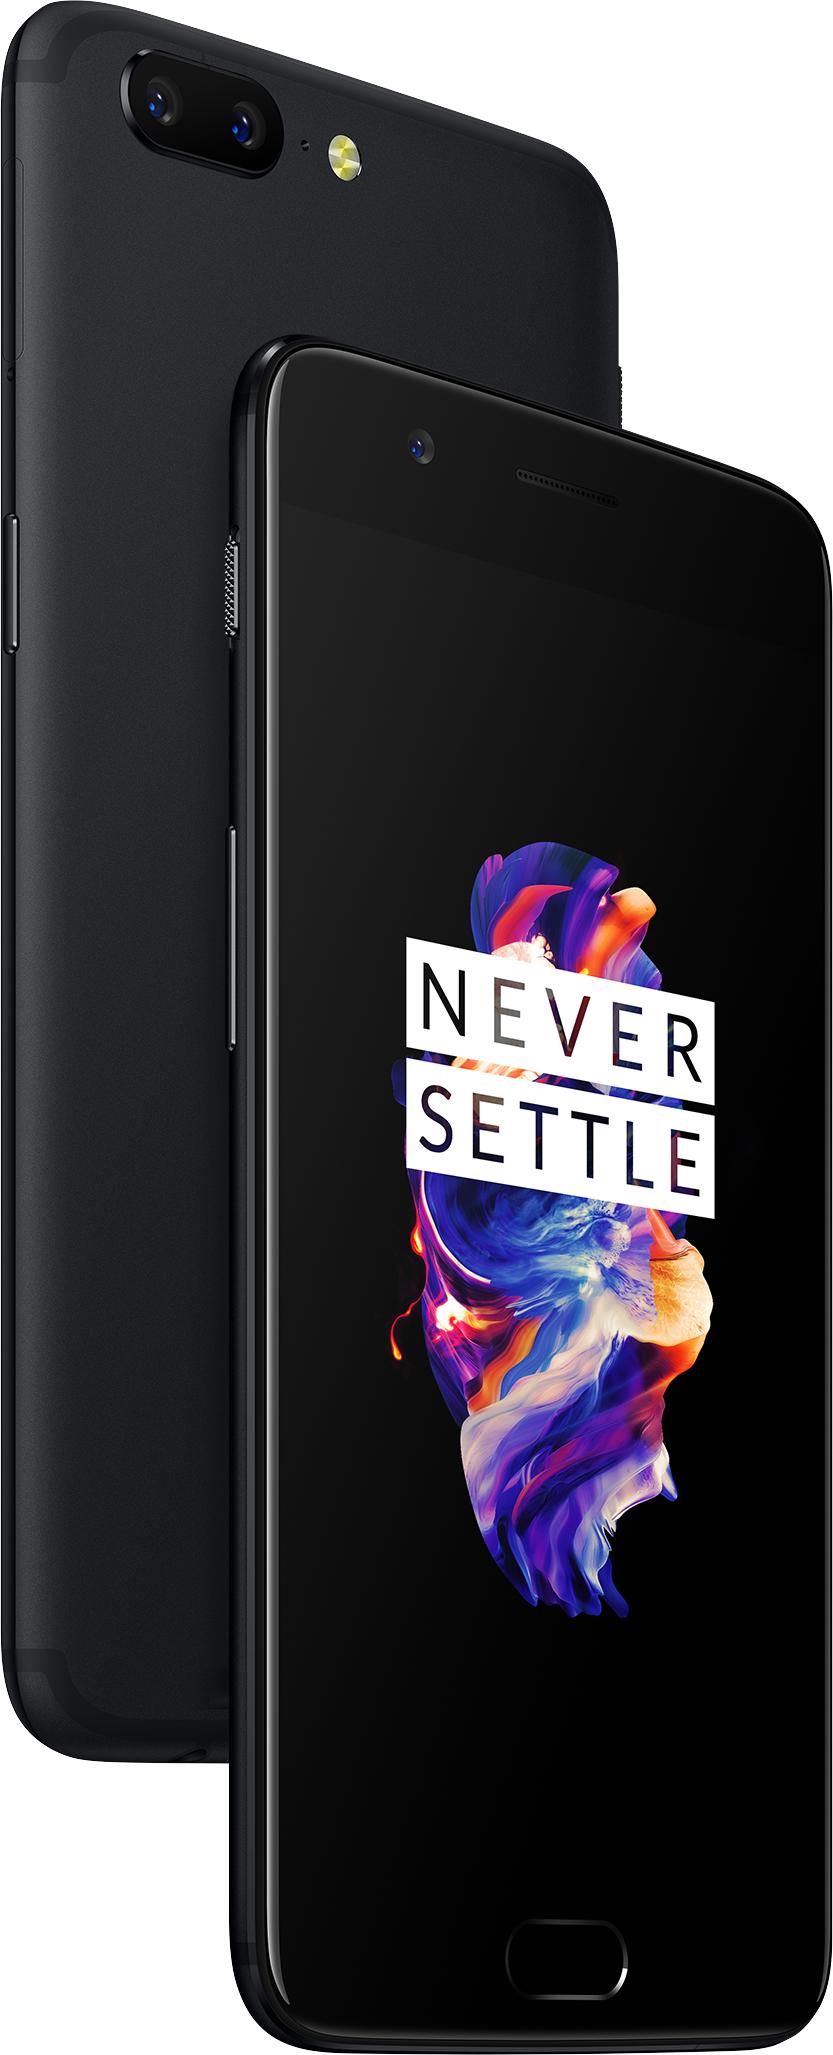 OnePlus 5 voorverkoop + 50% korting op exclusieve welkomstbundel @ OnePlus